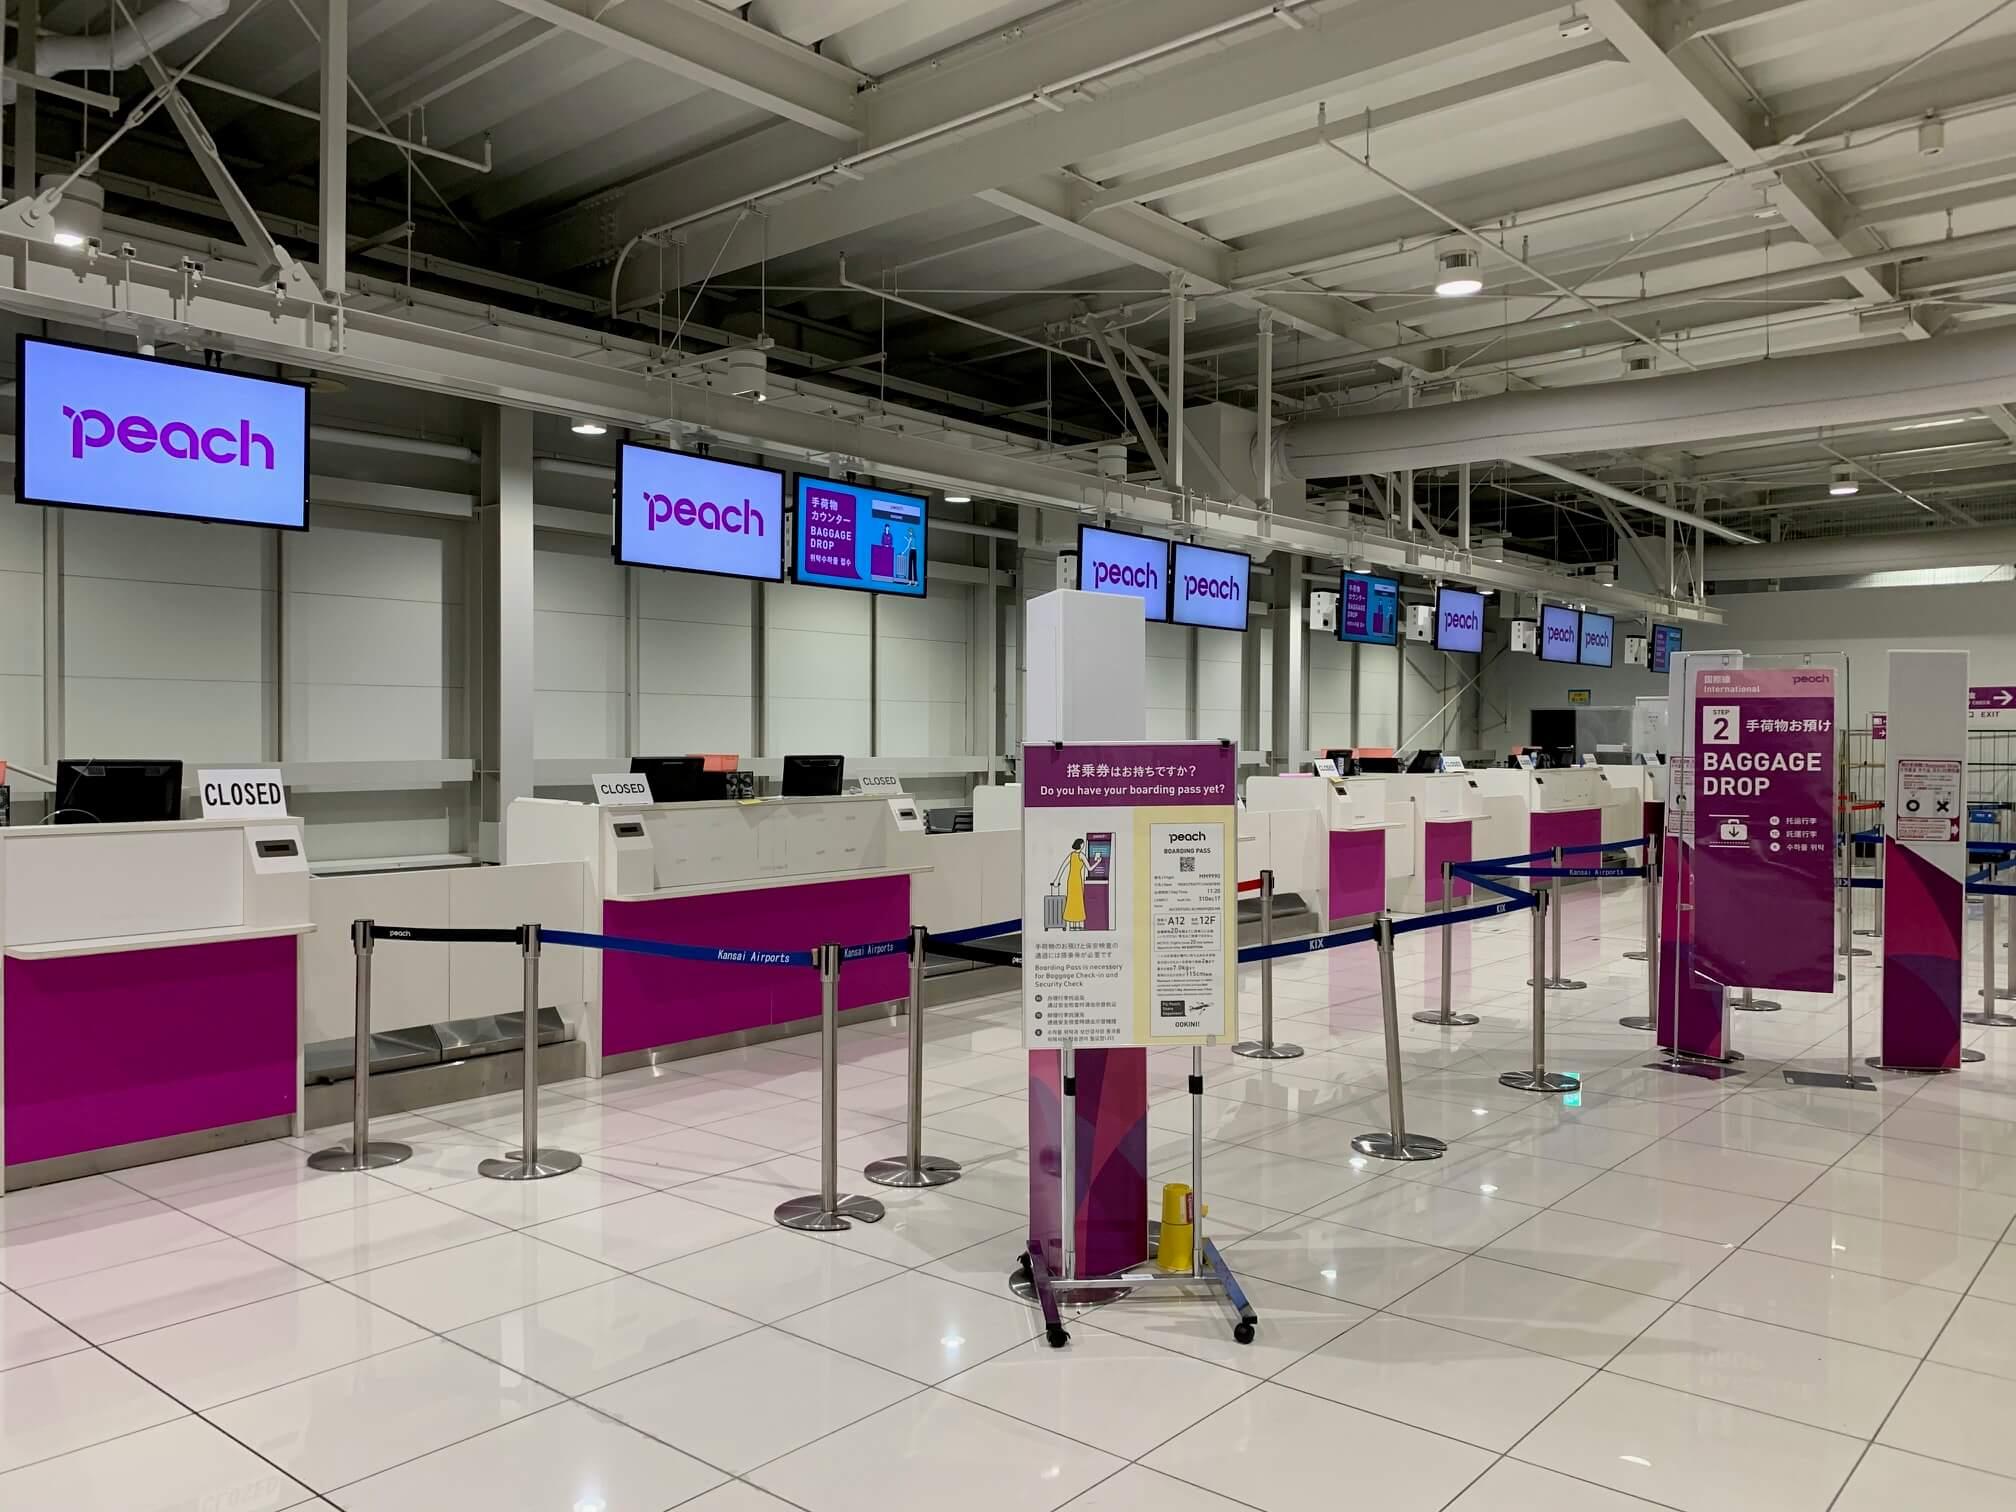 関空第2ターミナル